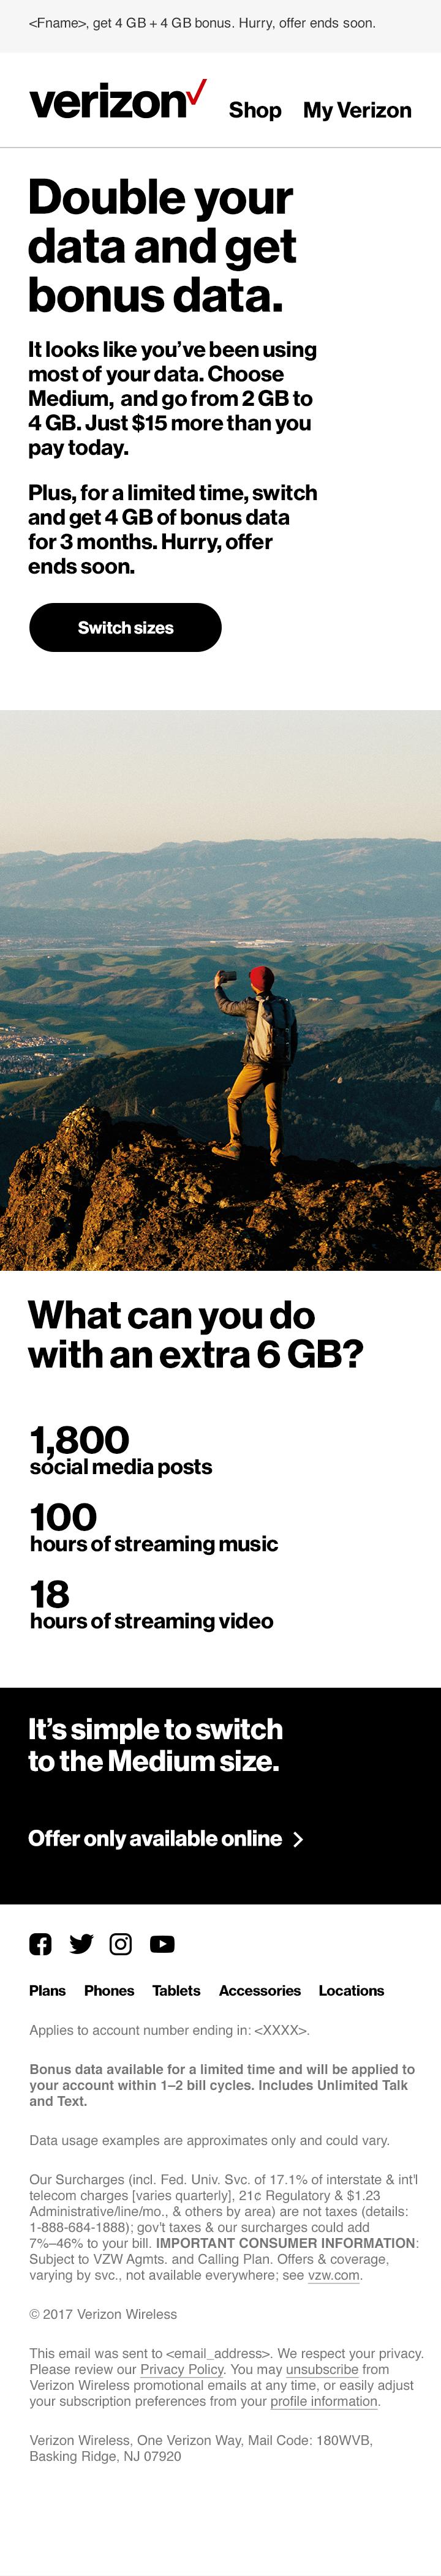 VRN_VRN27854_360@2x 6 GB MOBILE.jpg